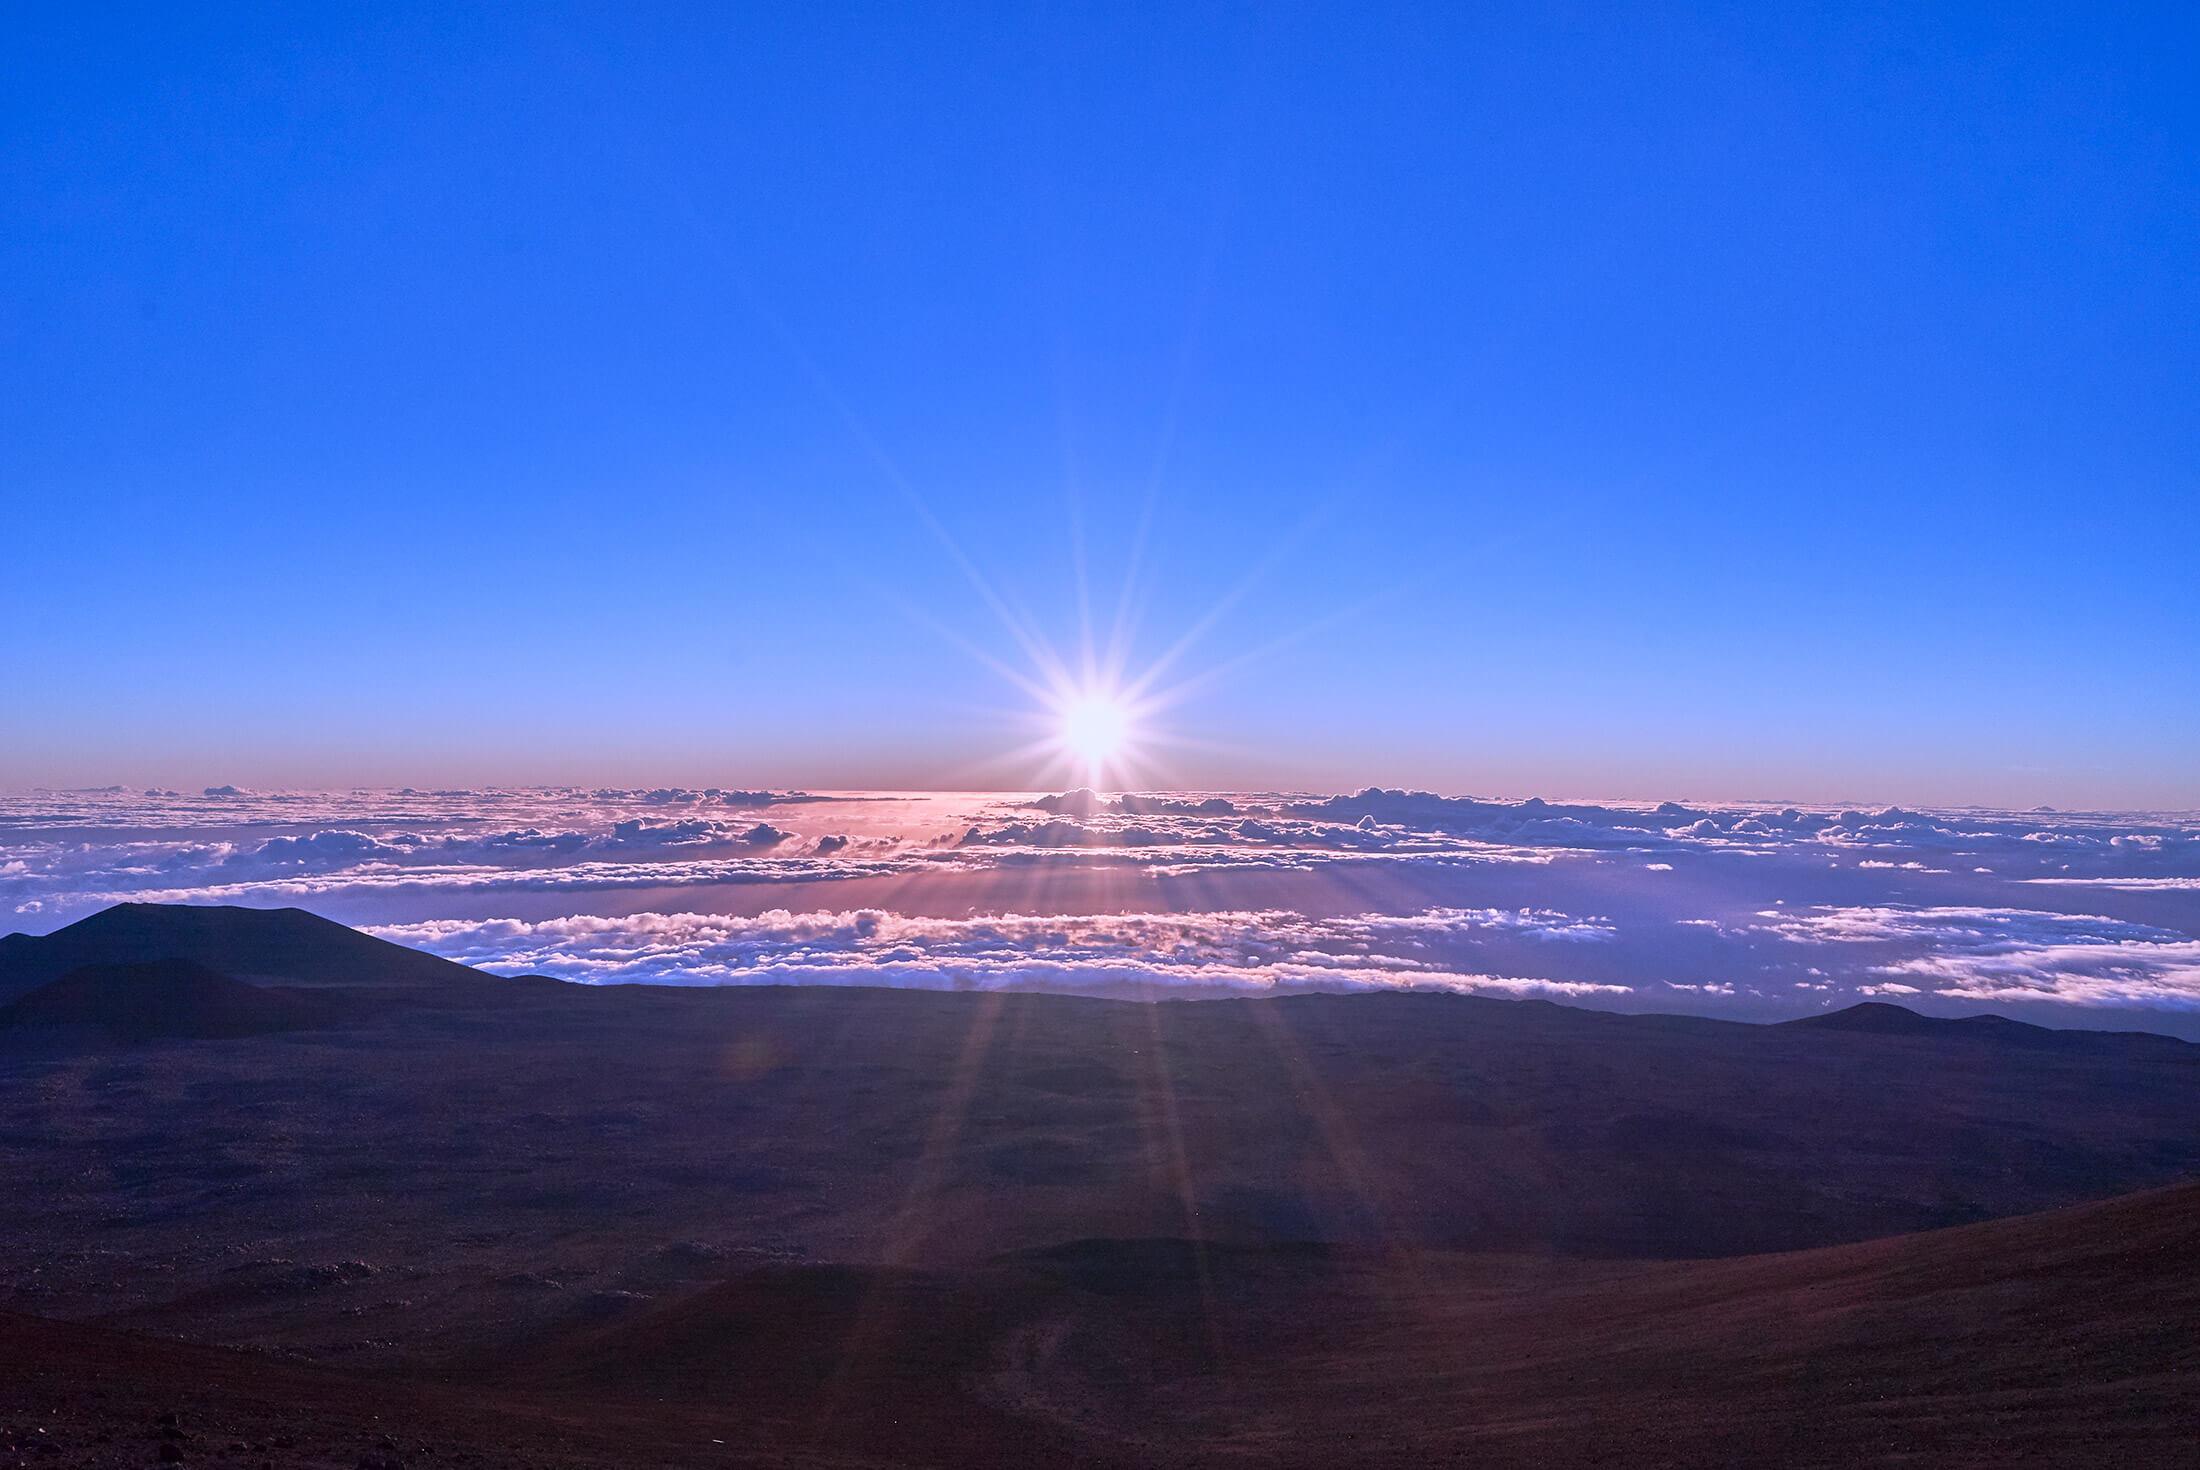 ハワイ島マウナケア山頂のサンライズ